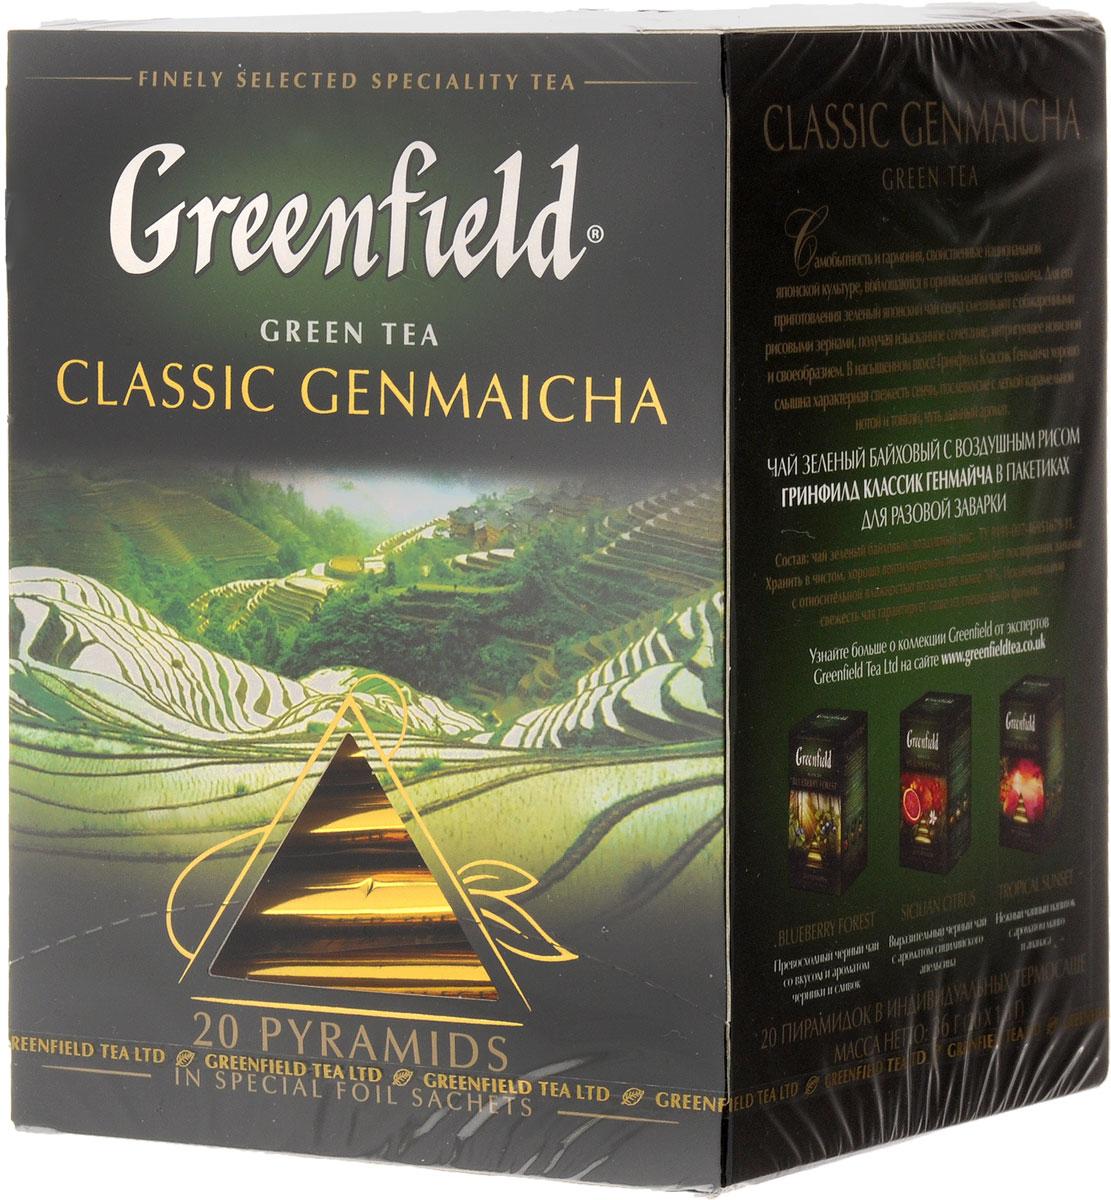 Greenfield Classic Genmaicha зеленый чай с воздушным рисом в пирамидках, 20 шт101246Самобытность и гармония, свойственные национальной японской культуре, воплощаются в оригинальном чае Greenfield Classic Genmaicha. Для его приготовления зеленый японский чай сенча смешивают с обжаренными рисовыми зернами, получая изысканное сочетание, интригующее новизной и своеобразием. В этом насыщенном вкусе хорошо слышна характерная свежесть сенчи, послевкусие с легкой карамельной нотой и тонкий, чуть дымный аромат.